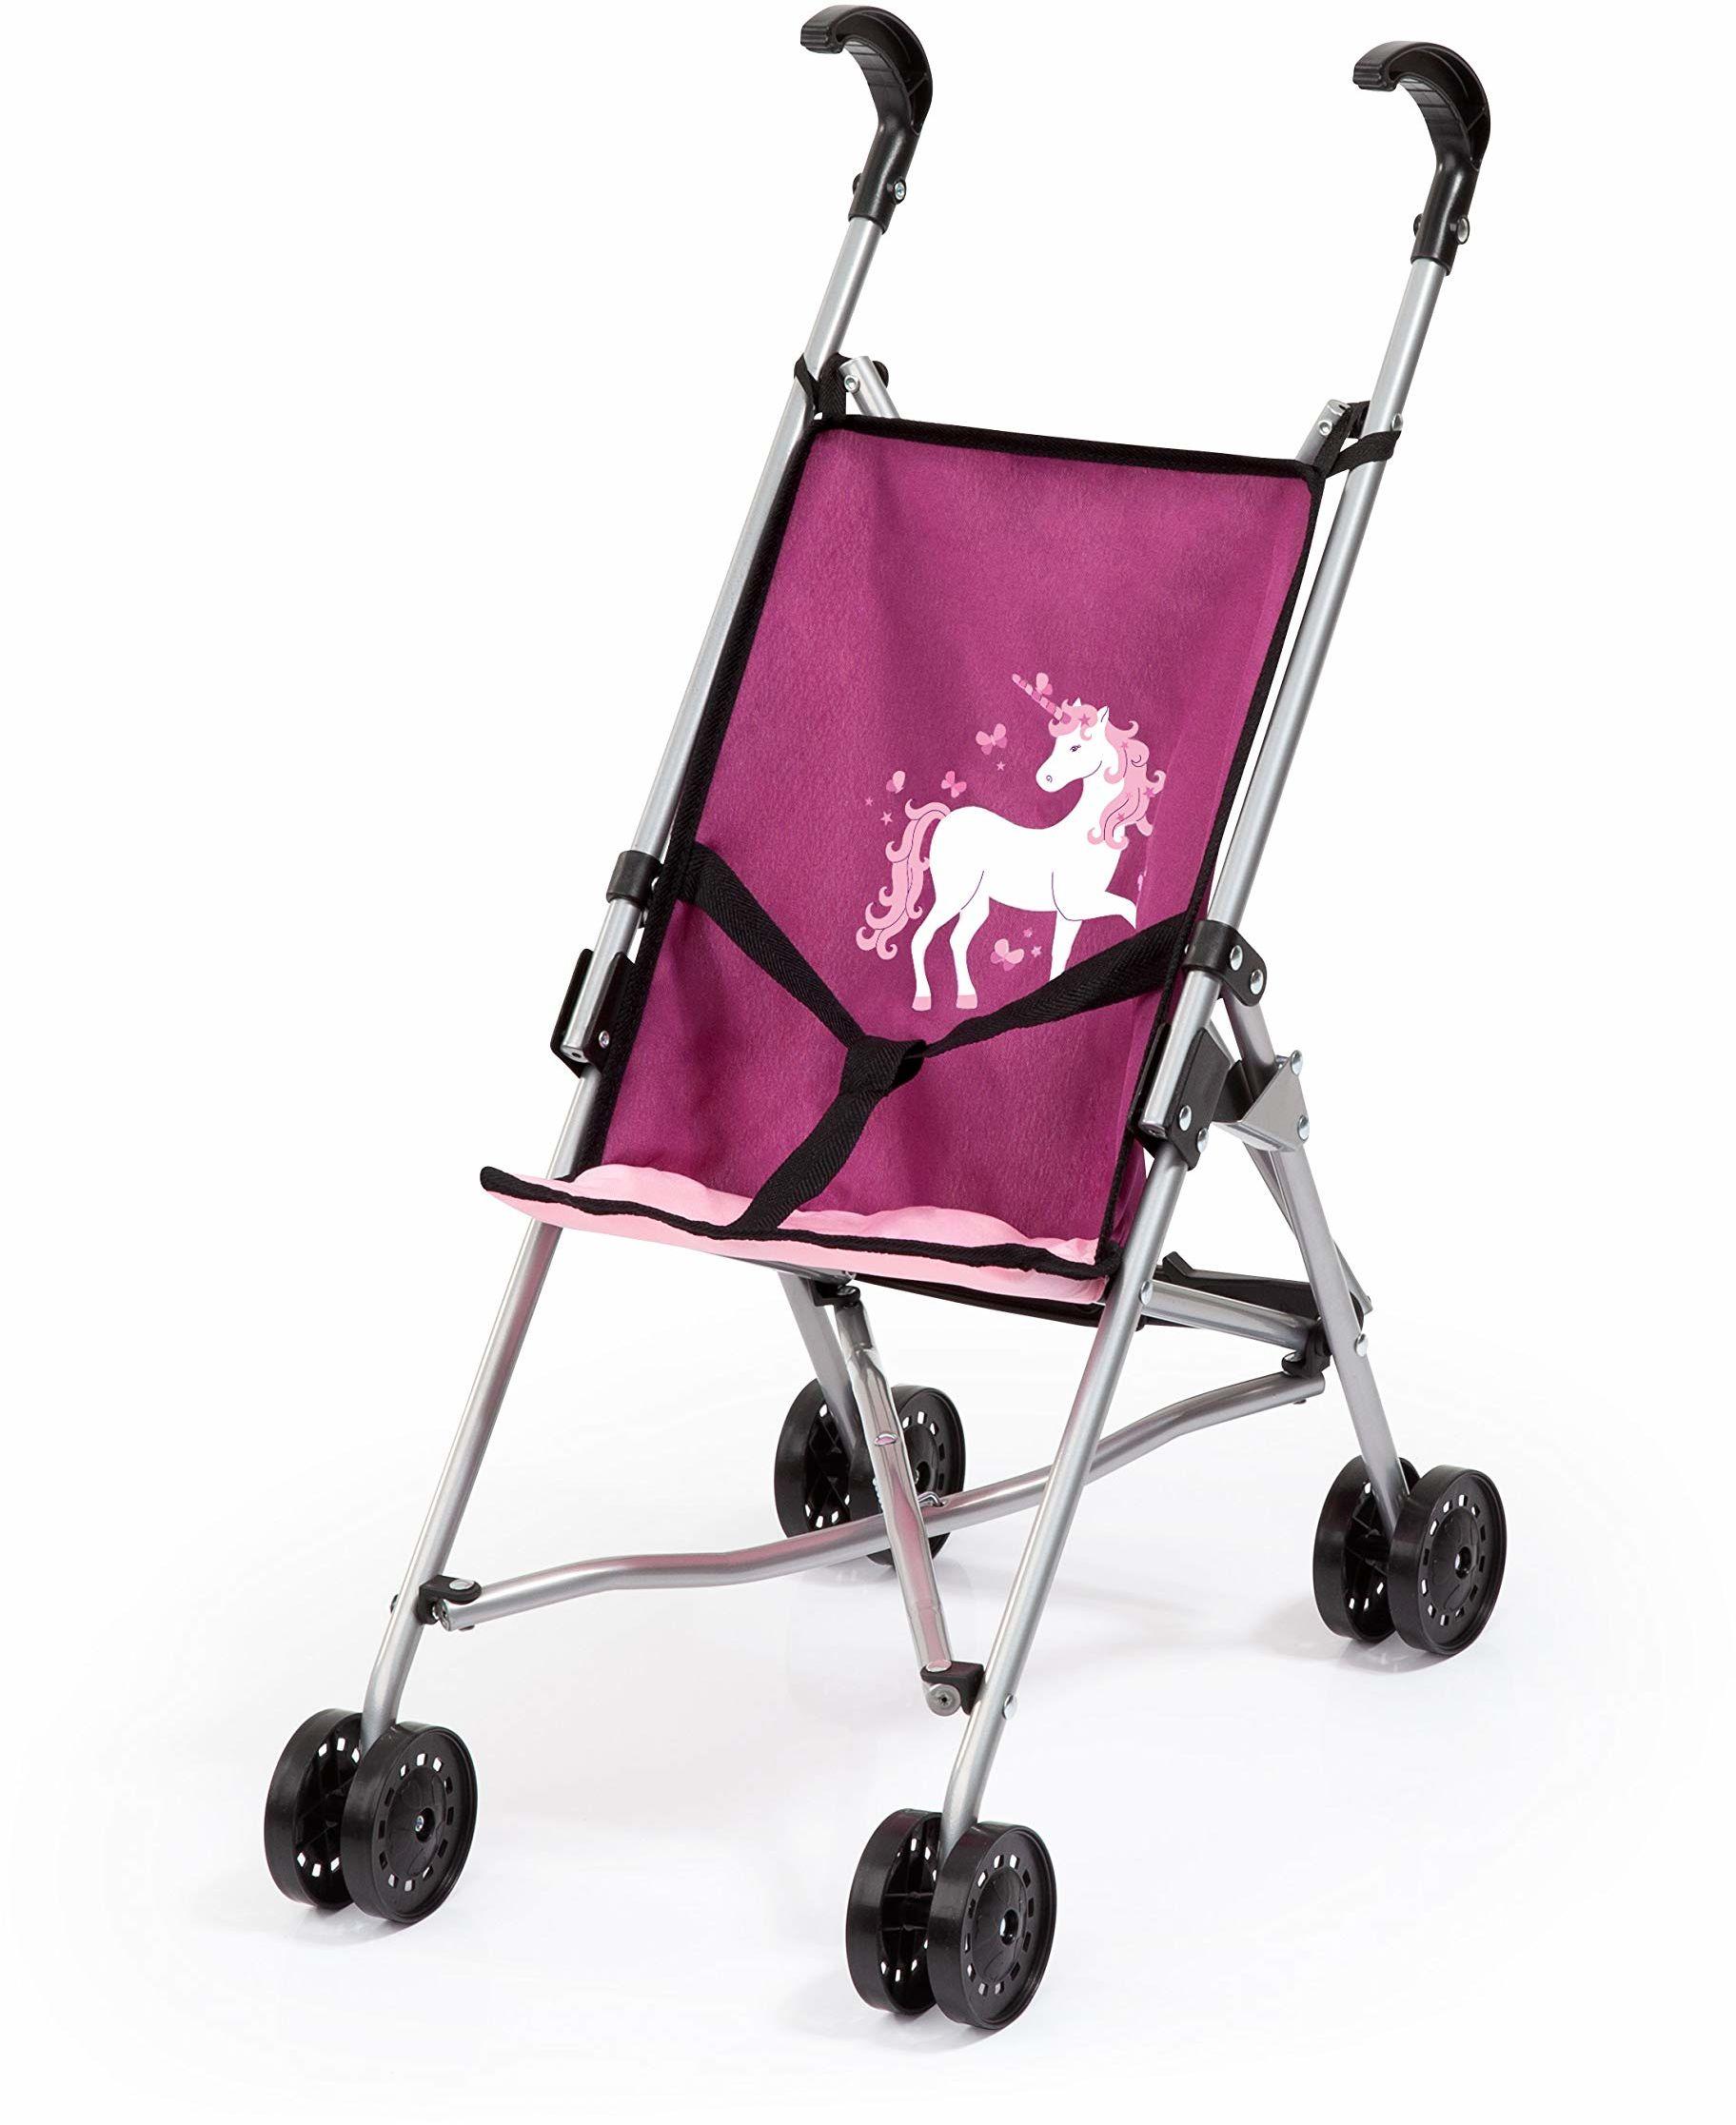 Bayer Design 30537AA lalki Buggy, wózek dziecięcy, wózek na parasol, z wbudowanym paskiem, składany, różowy z jednorożcem